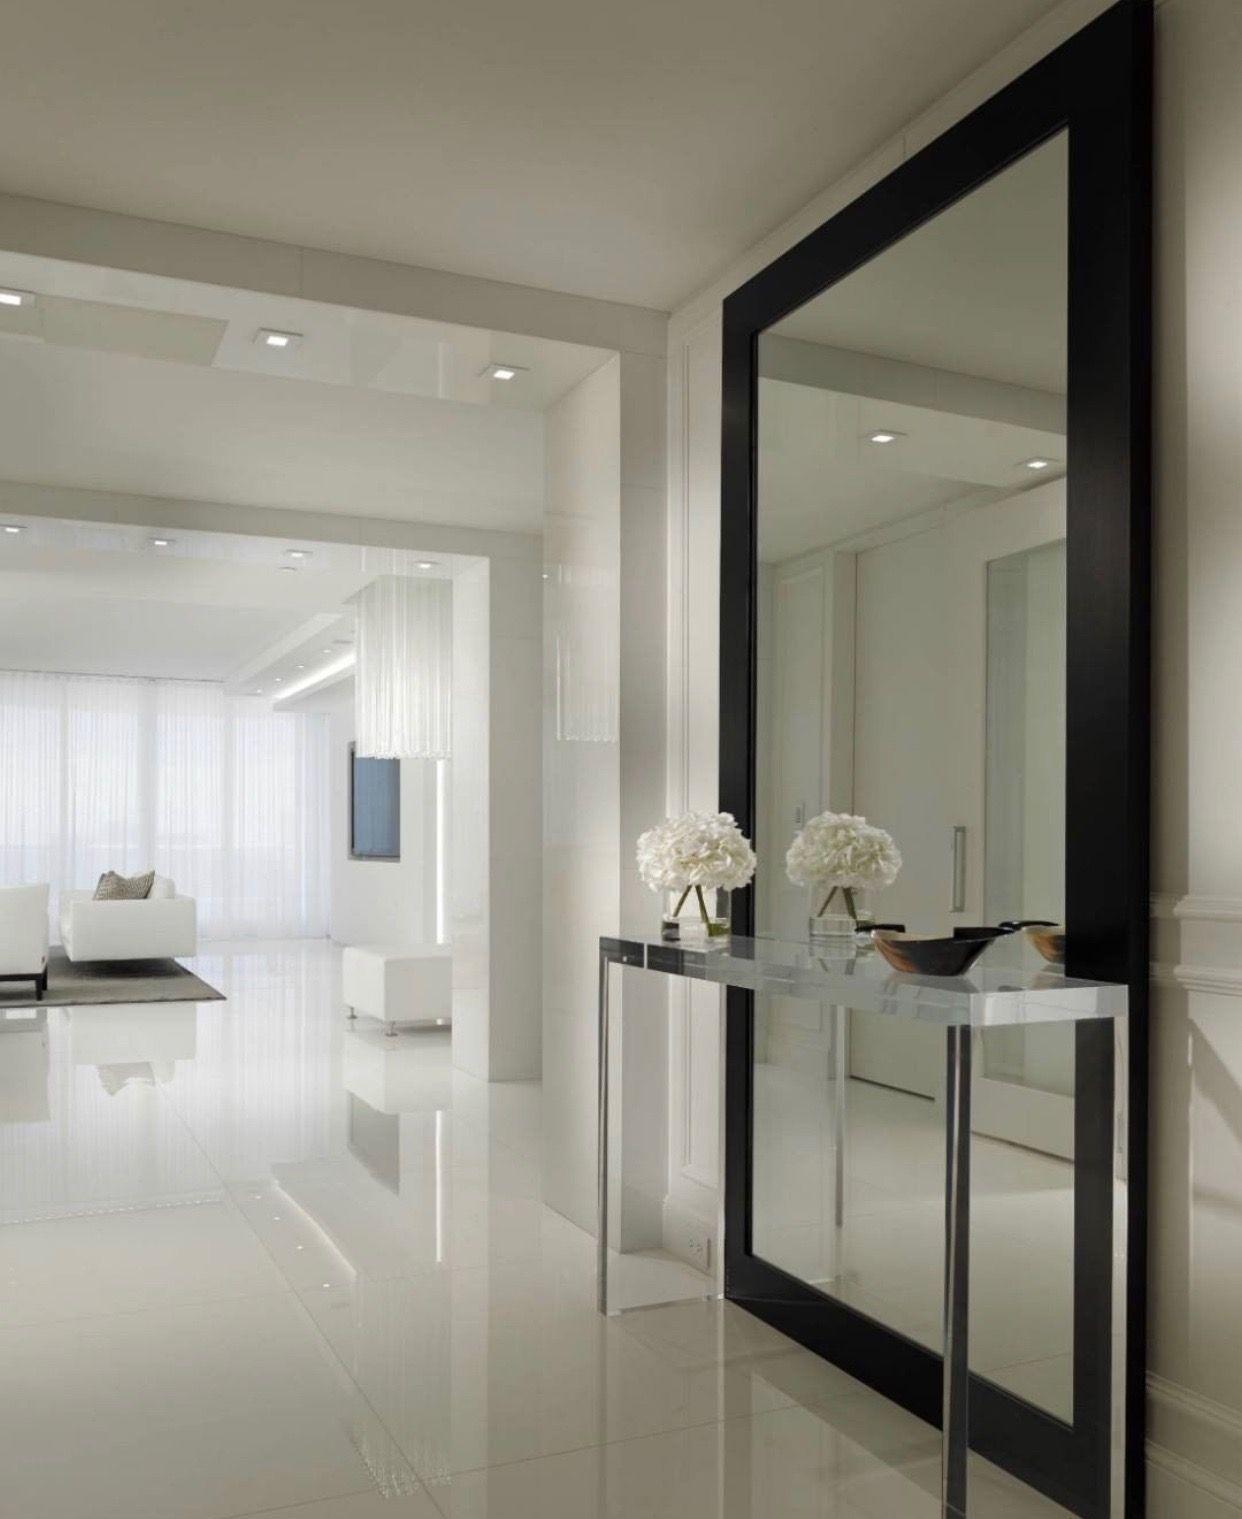 Grand Miroir D Entrée Épinglé par jacqueline bedard sur hall d'entrée en 2019